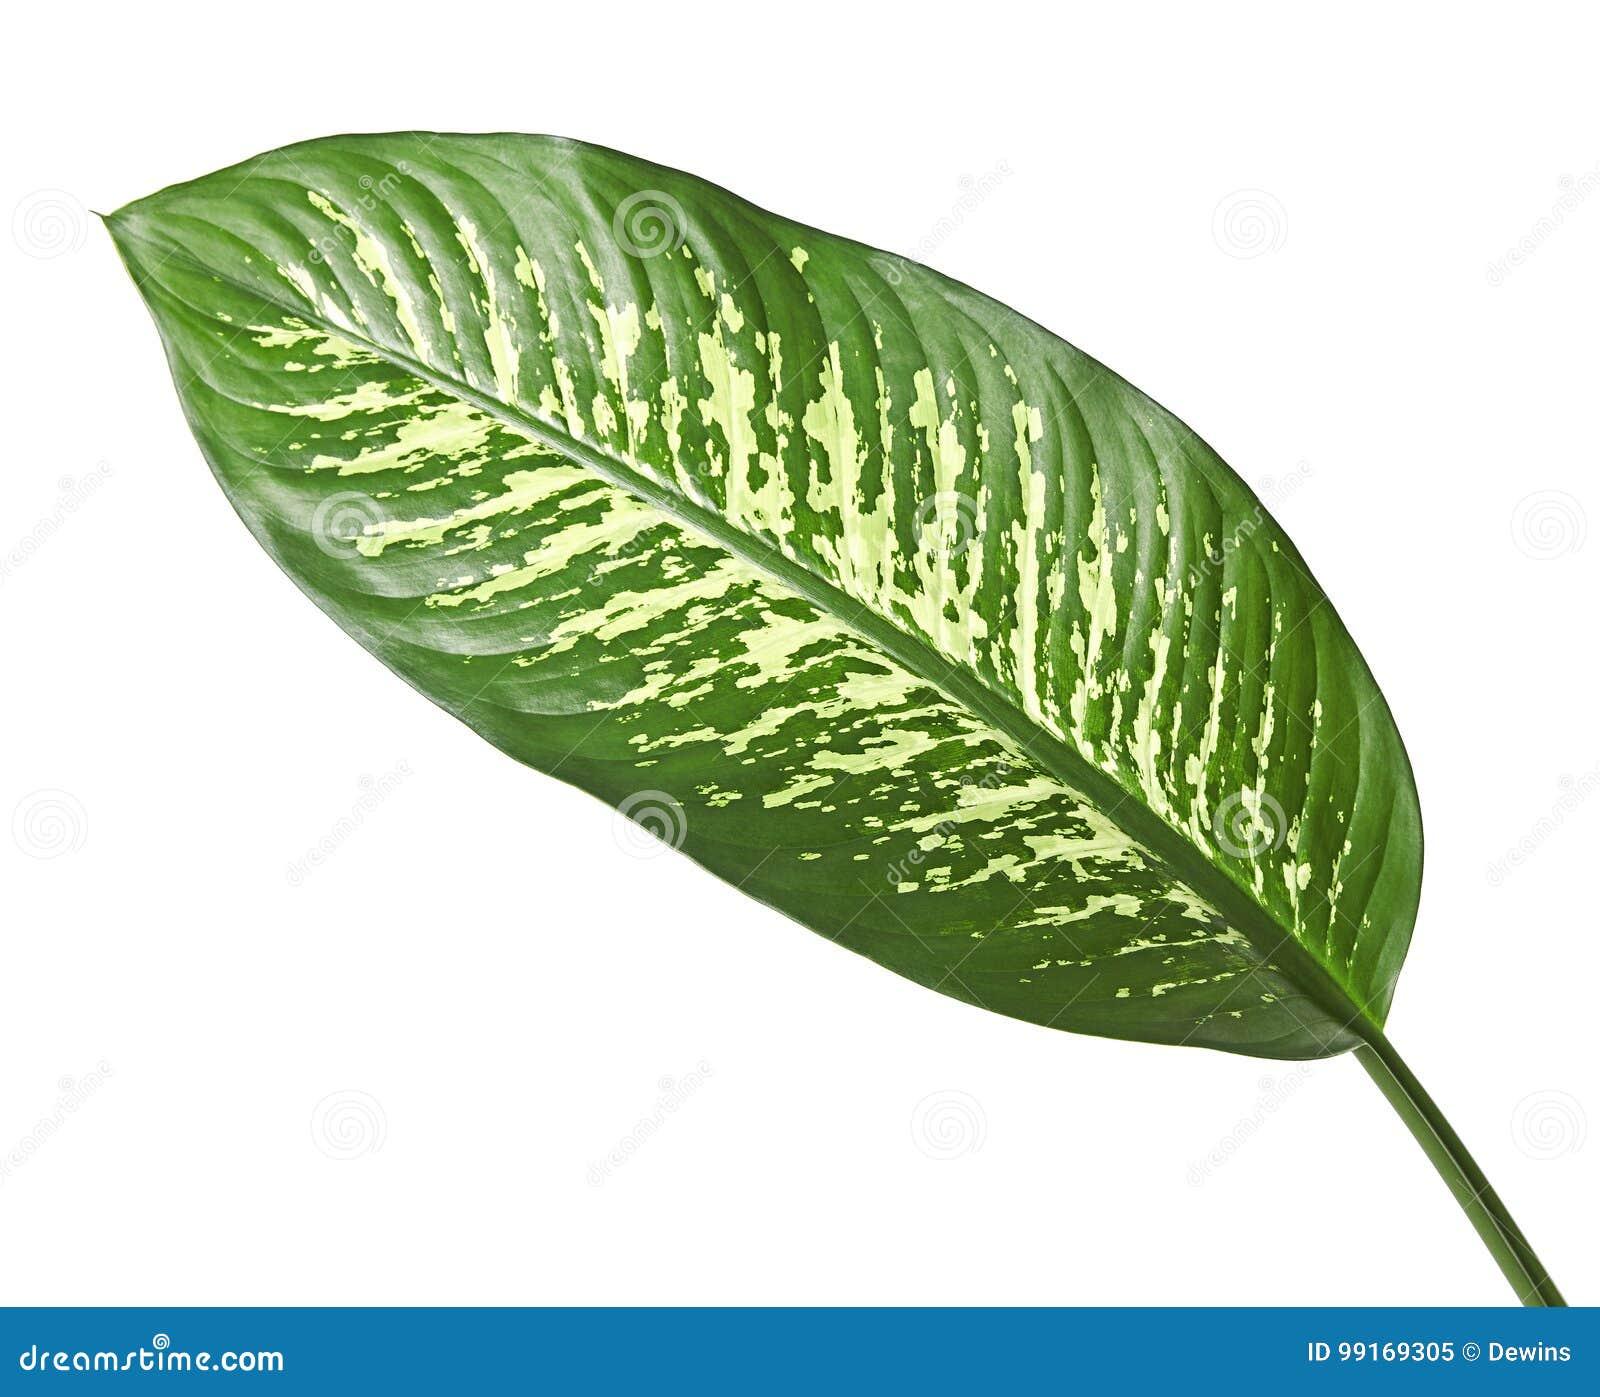 Stummer Stock des Dieffenbachiablattes, Grünblätter, die weiße Stellen enthalten und Flecke, tropisches Laub lokalisiert auf weiß